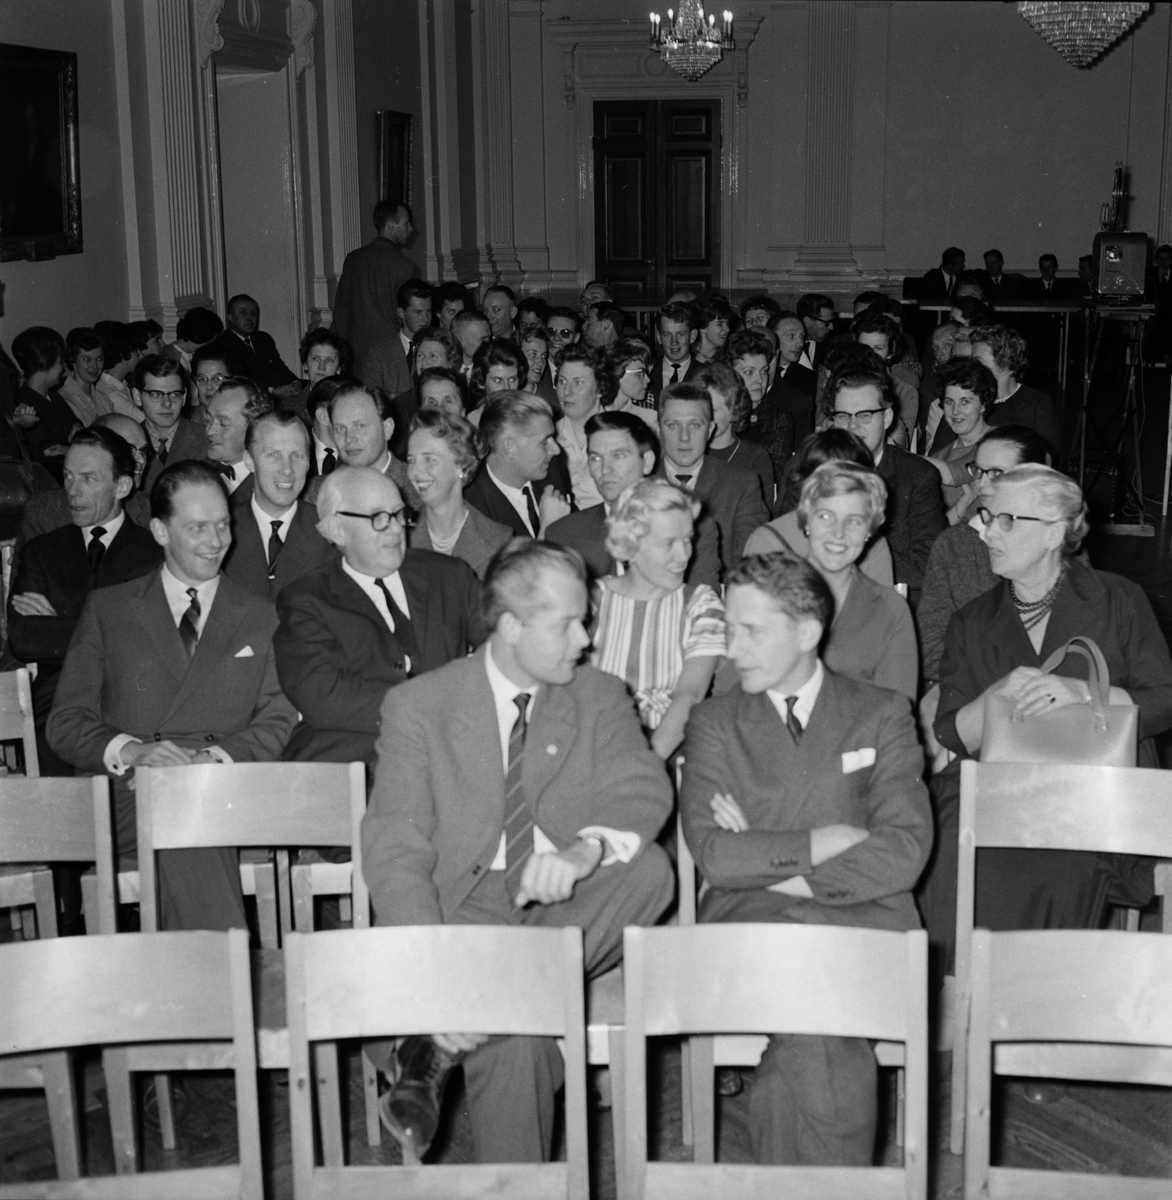 Reklamföreningen - försäljningskurs på Östgöta nation, Uppsala 1960